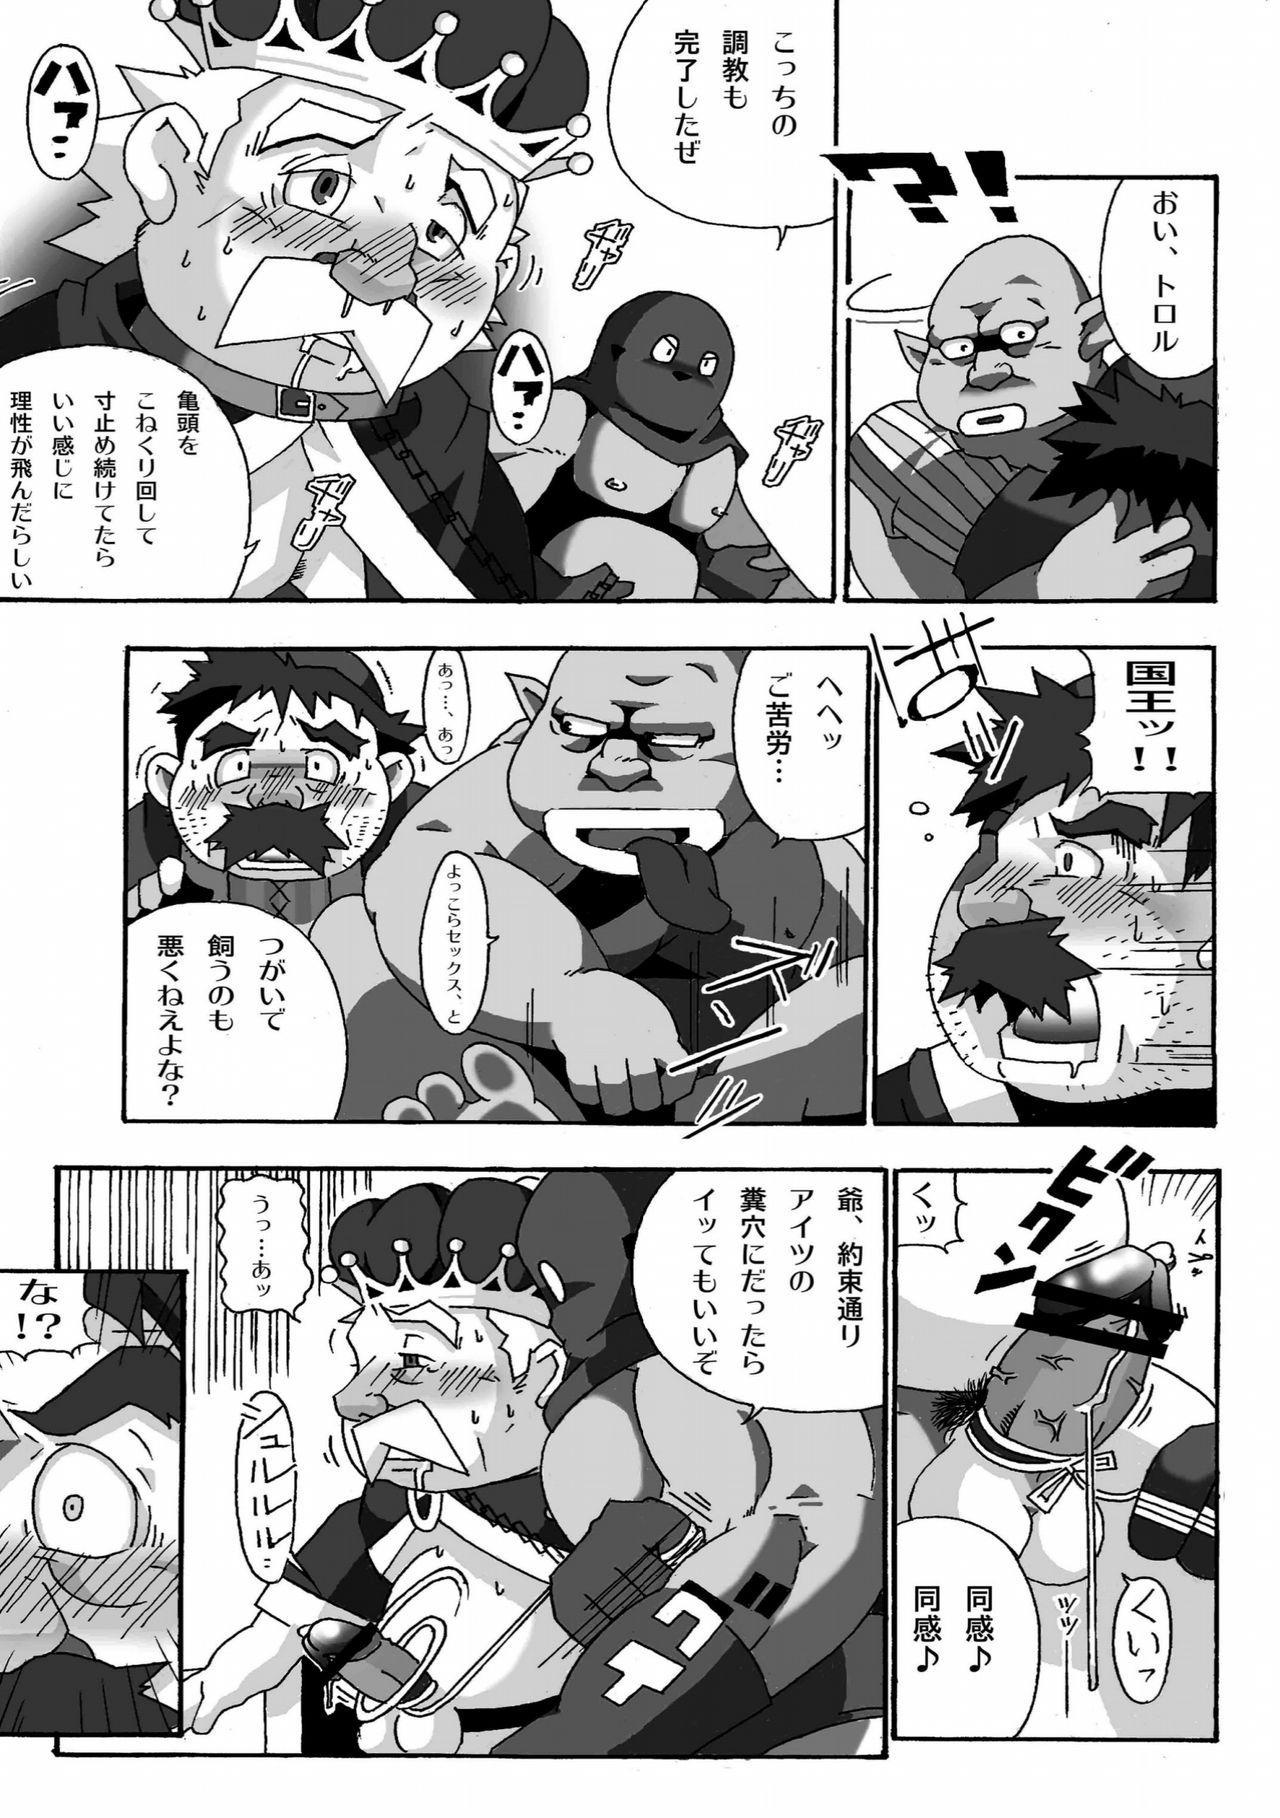 Torneko no Himitsu 12